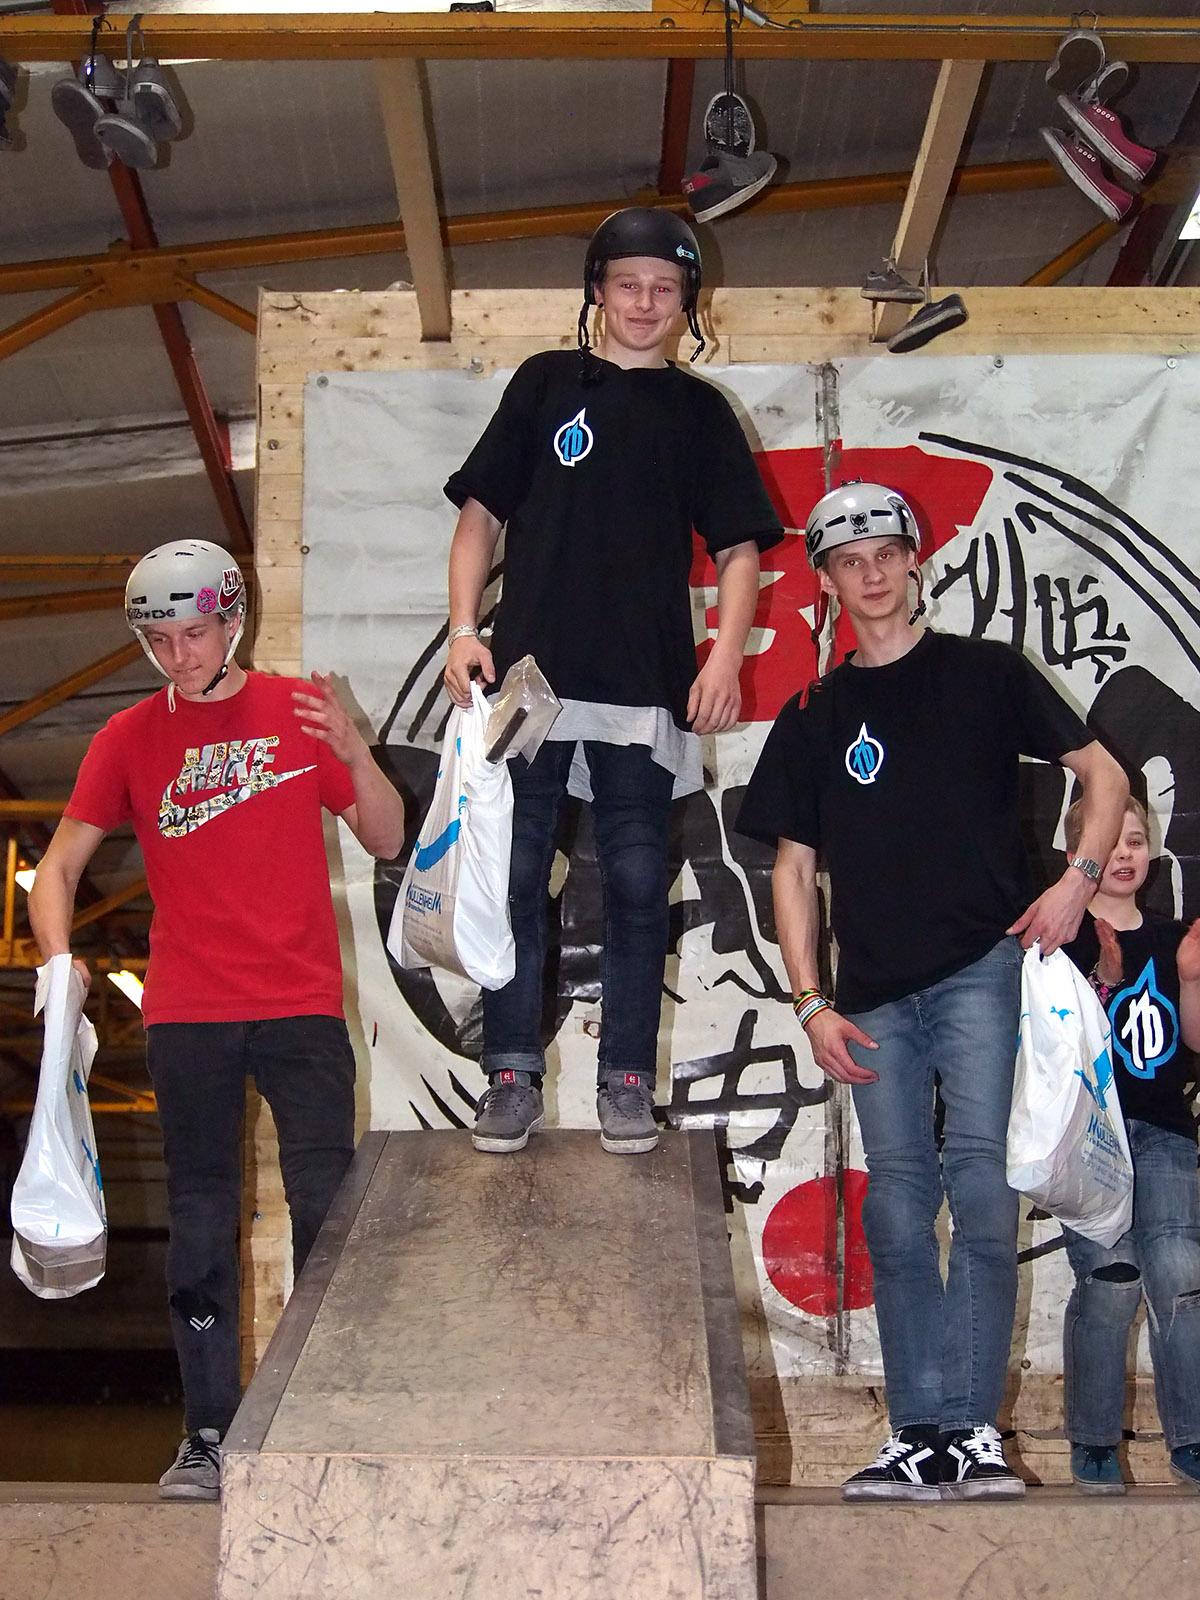 Die Gewinner der Amateurklasse beim 1. Stopp des New Kids Generation Nachwuchscontests in Braunschweig (v.l.n.r.): Max Wagner (3.), Evan Brandes (1.) und Quentin Fiebig (2.)